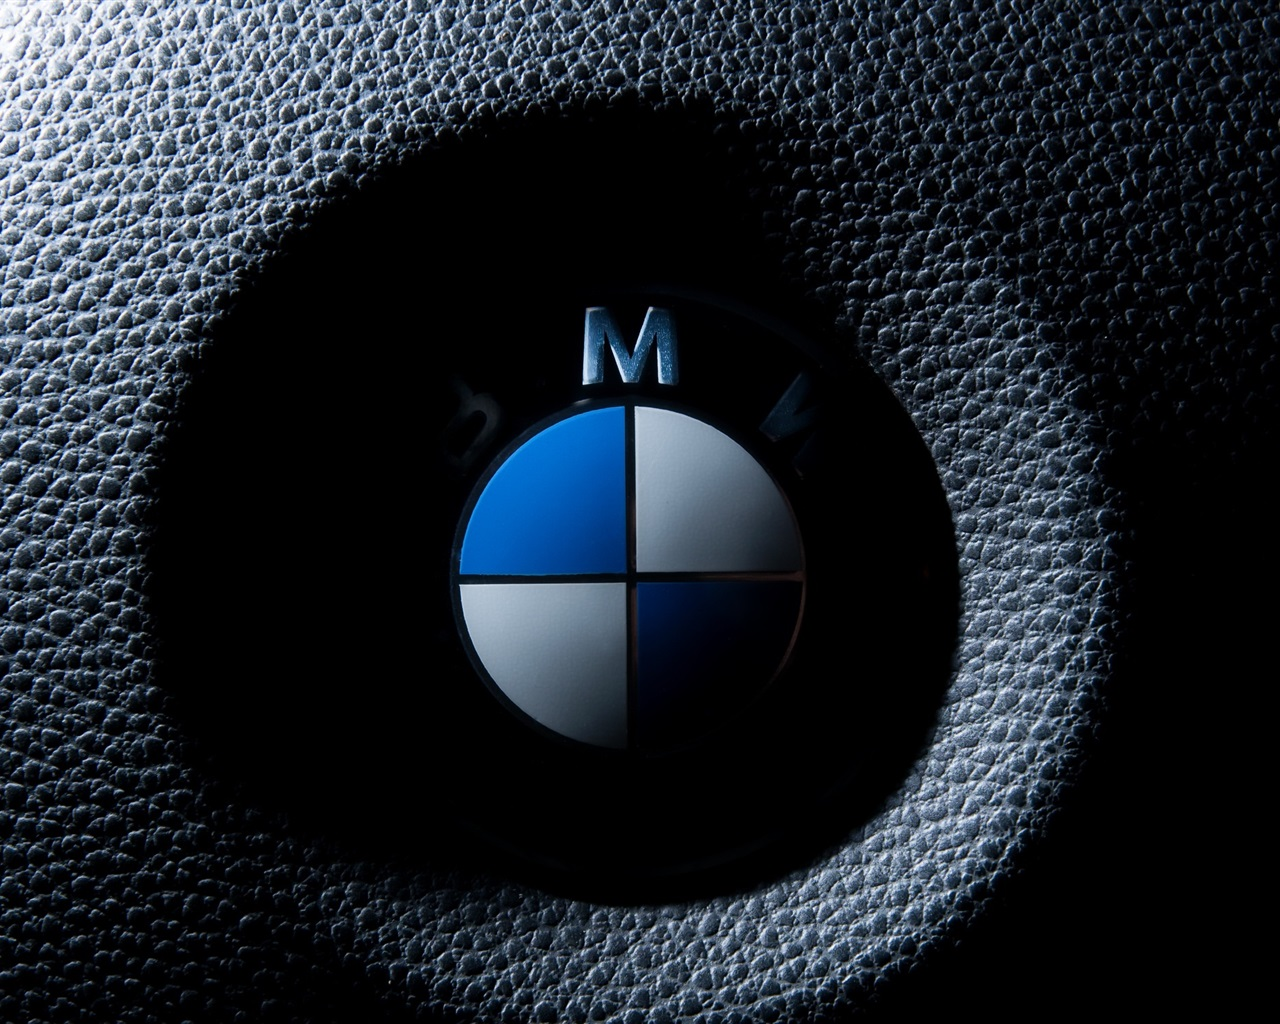 Fonds D Ecran Logo Bmw Macrophotographie 2560x1440 Qhd Image